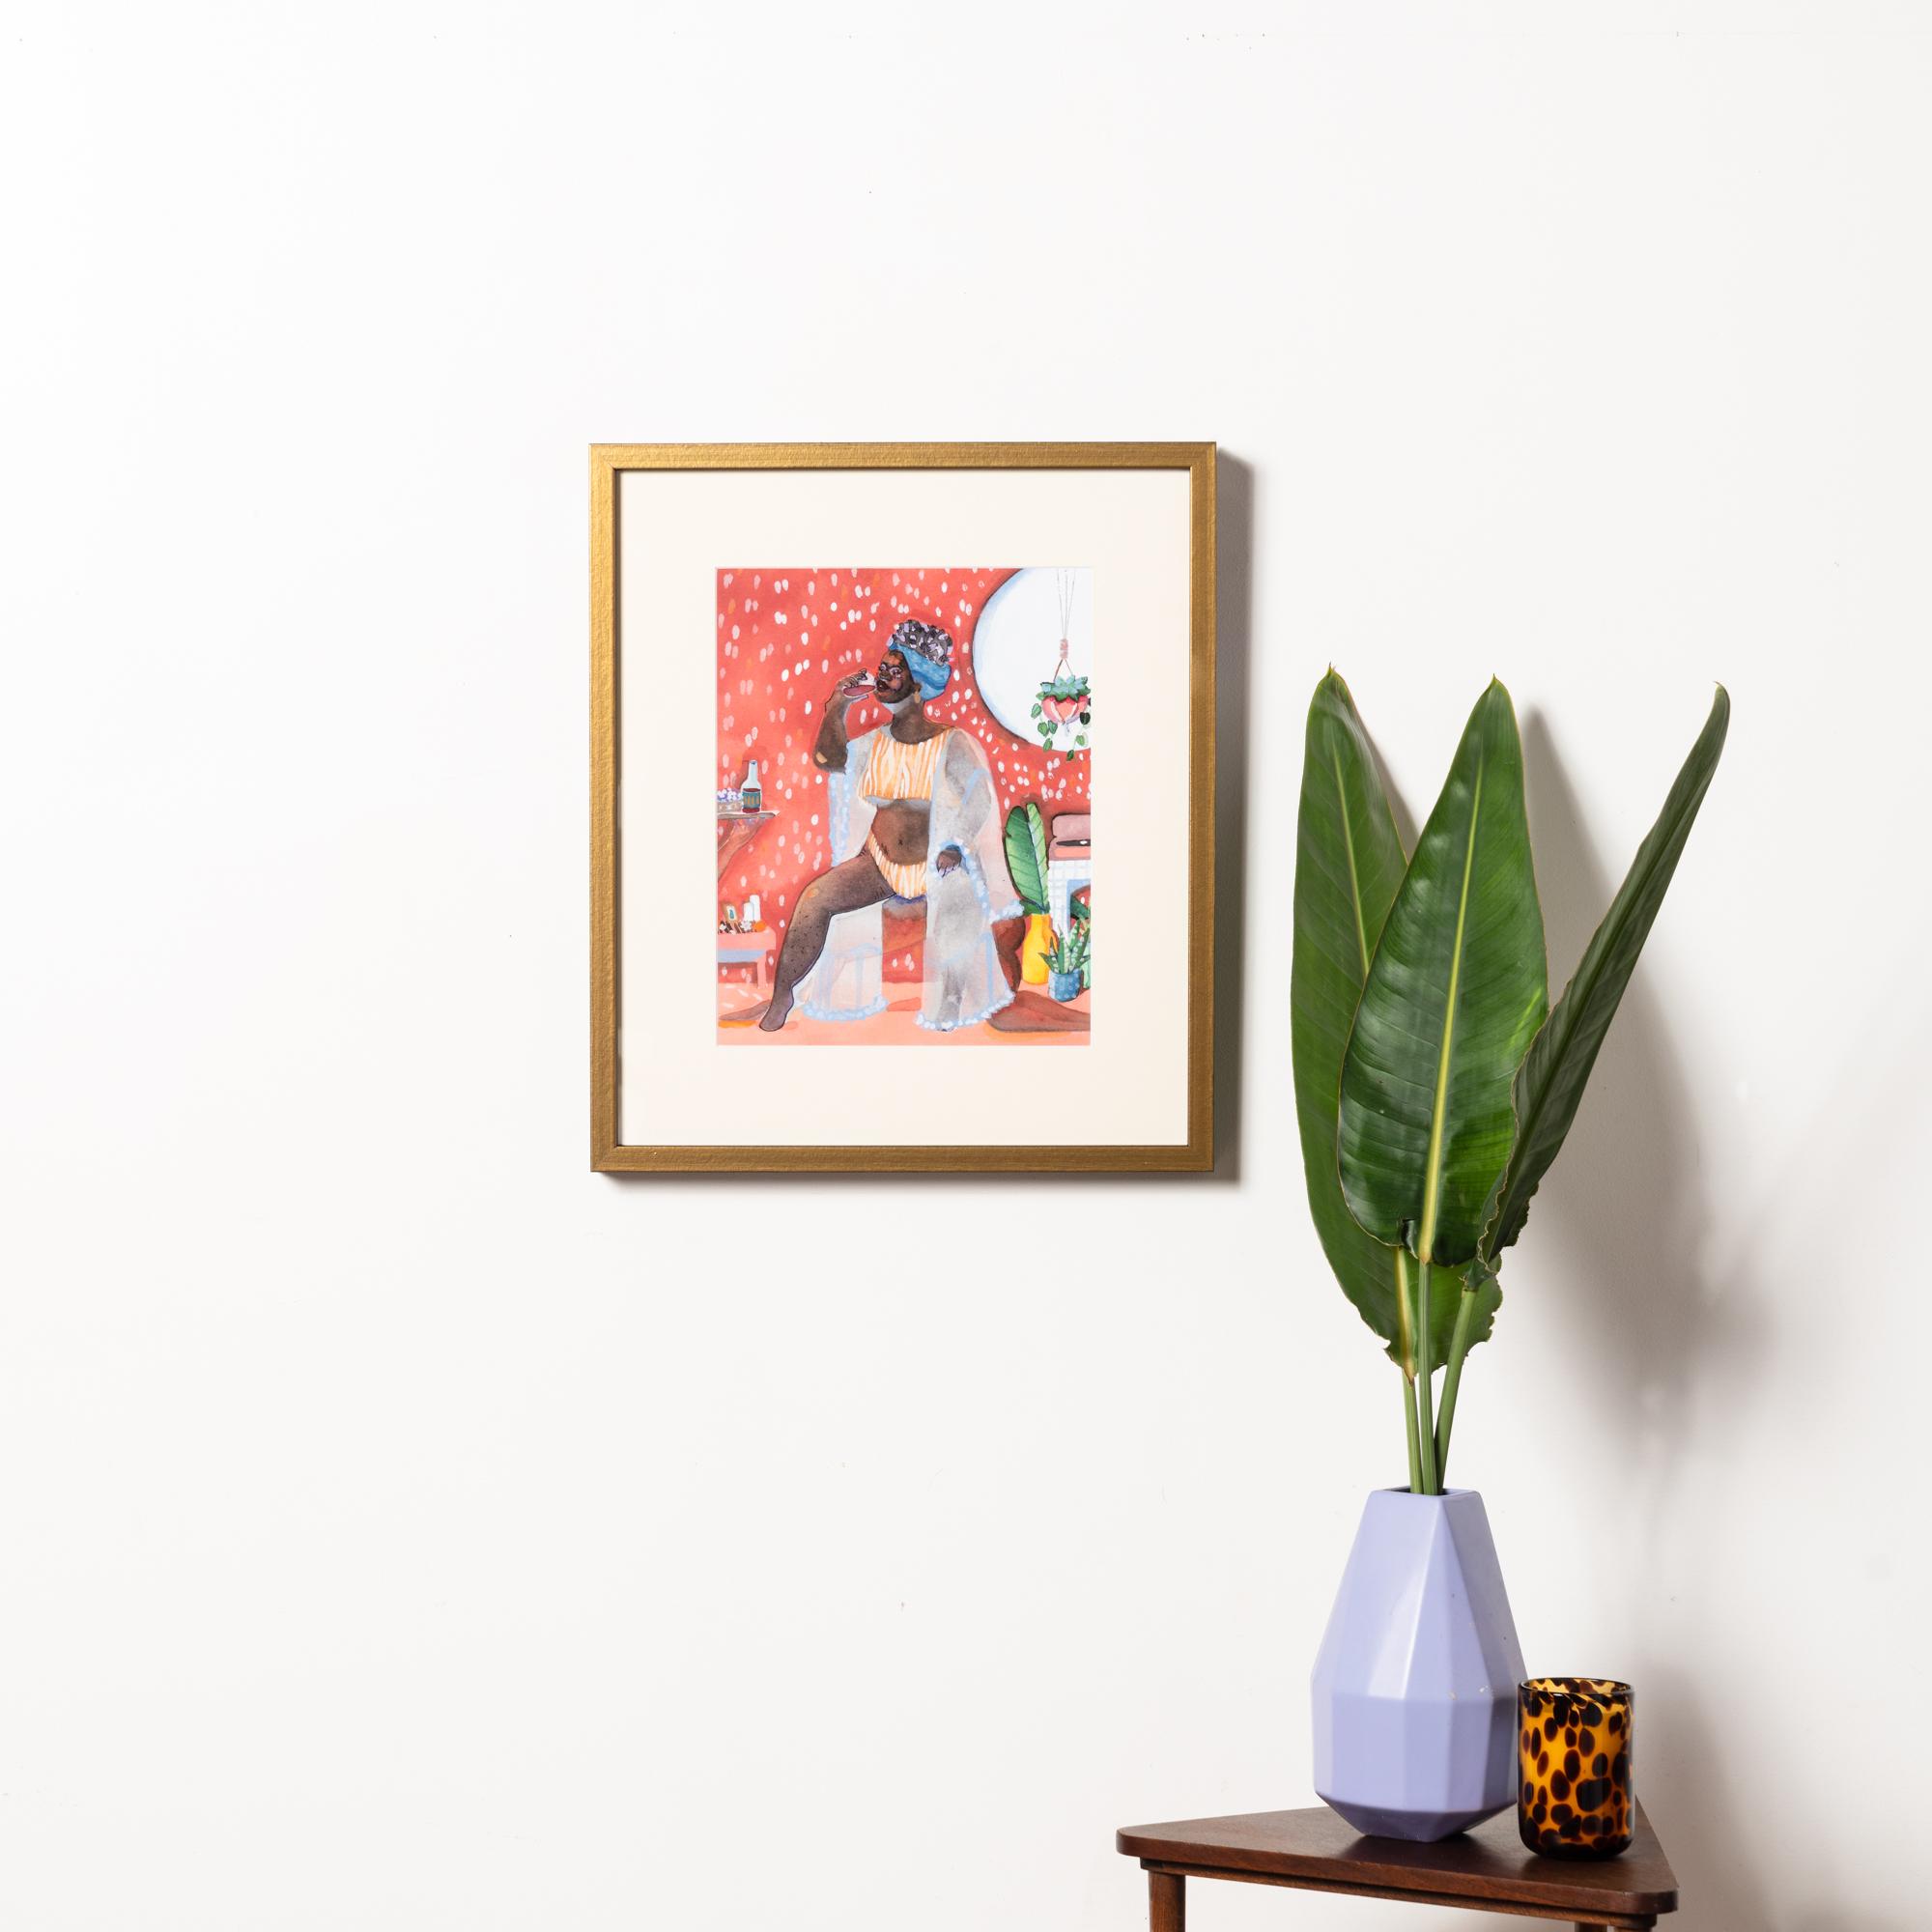 Framebridge Black Artists Print Shop Chiomma Hall I Deserve It All framed print Paris frame